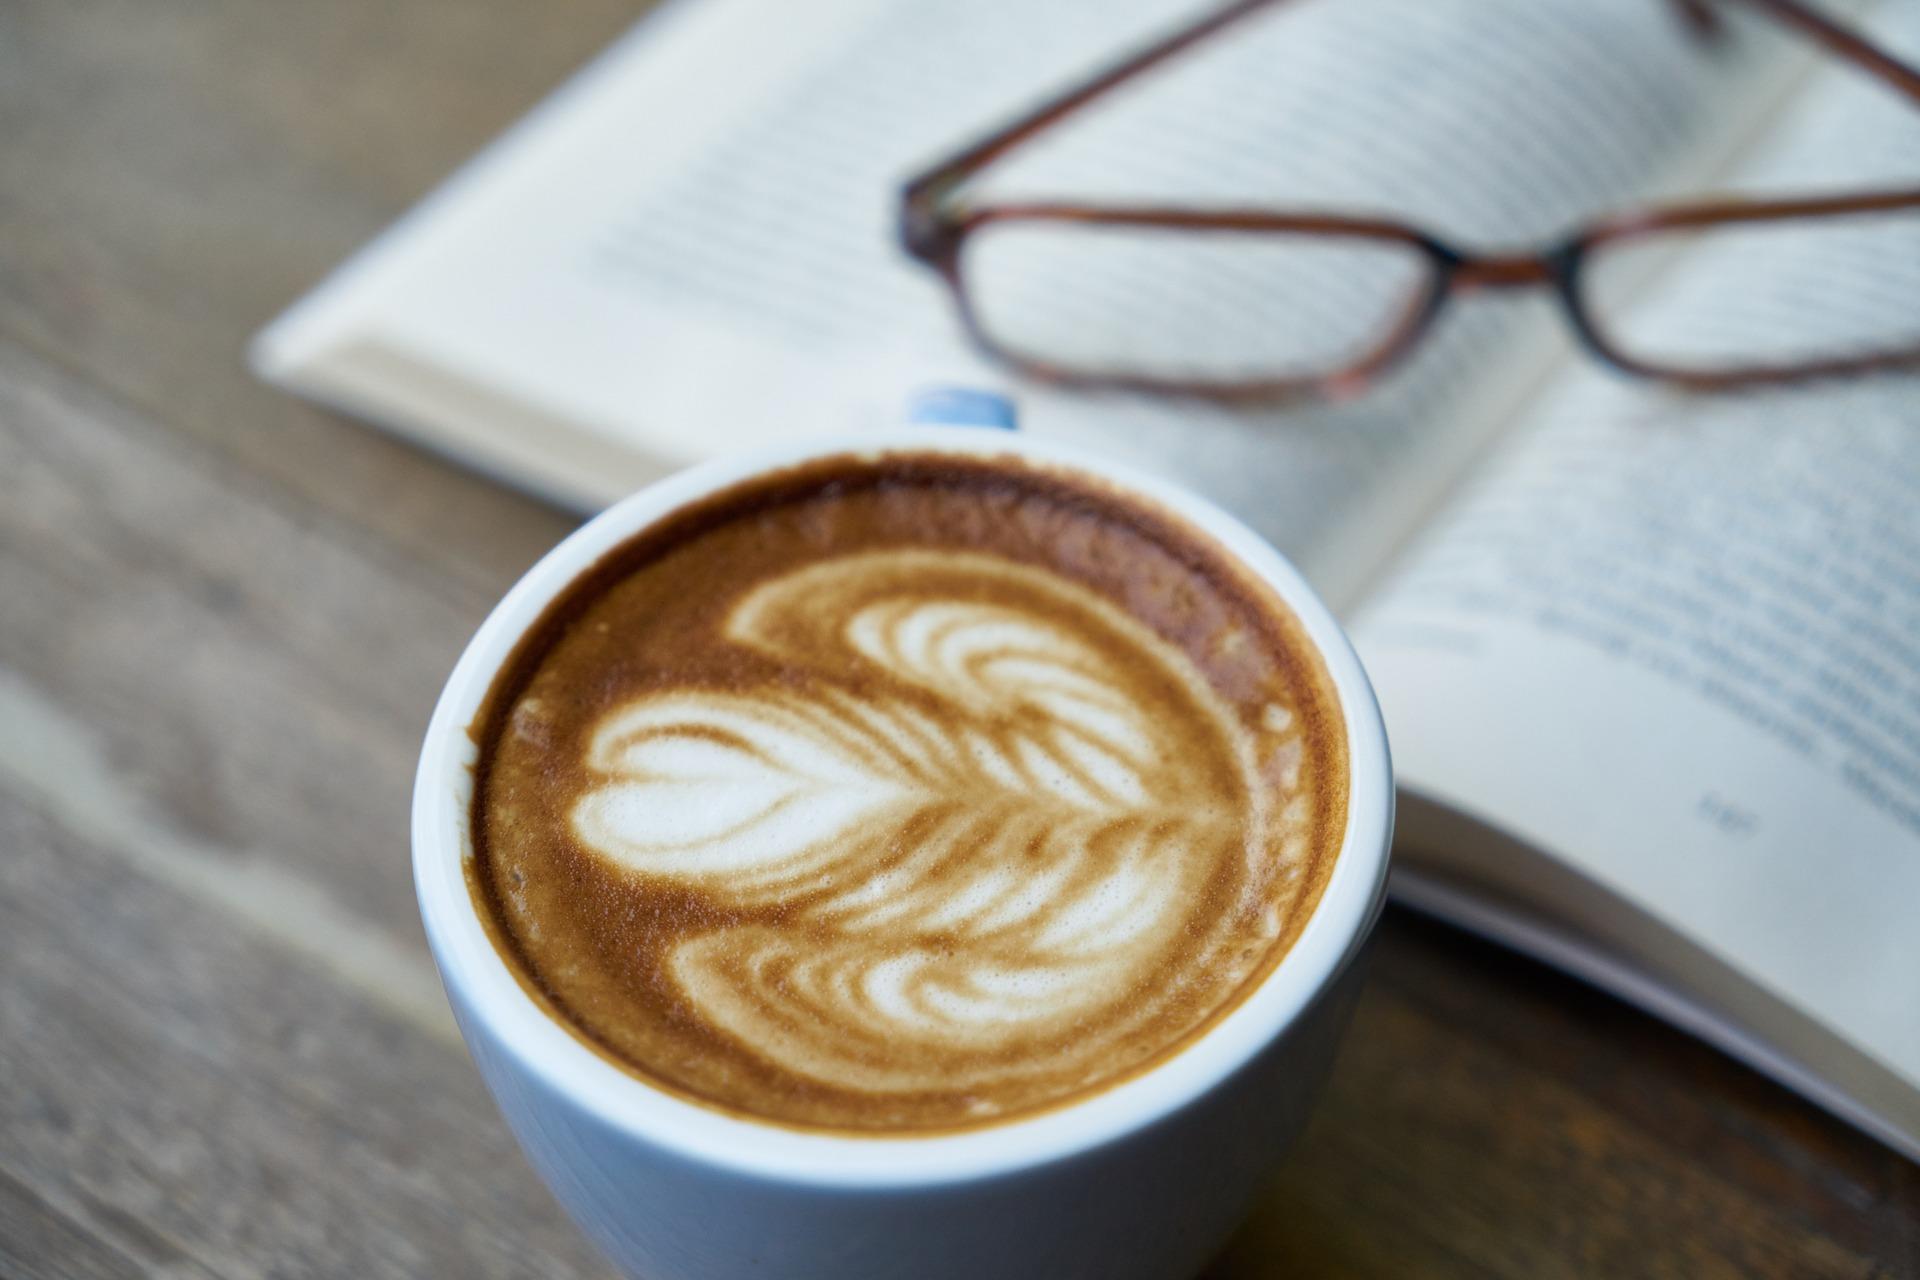 カフェラテと本と眼鏡